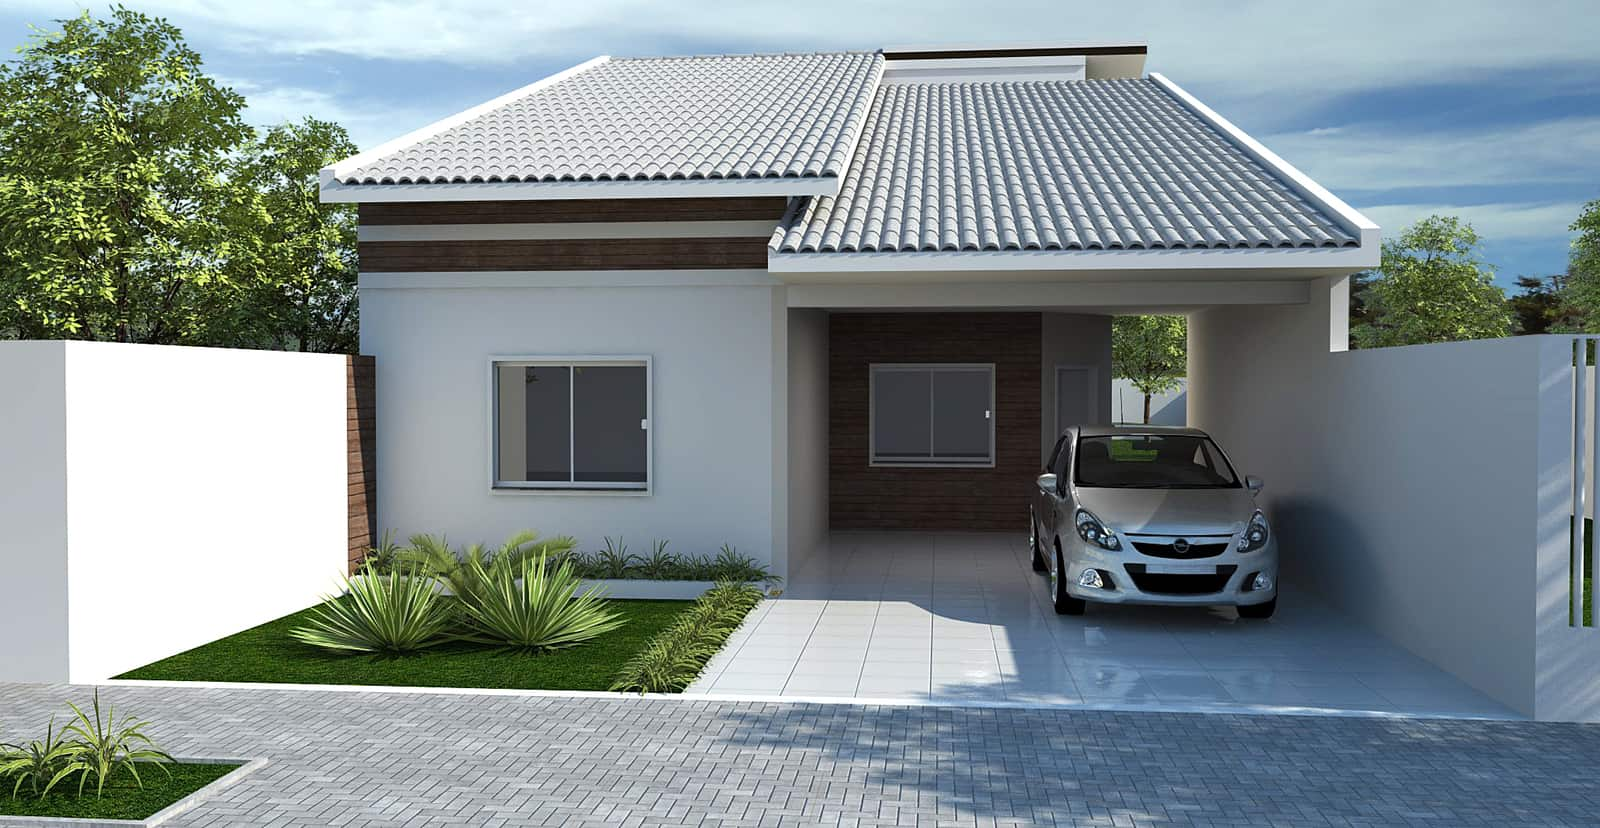 17 ideias de fachada para casas pequenas veja fotos for Fachada de casas